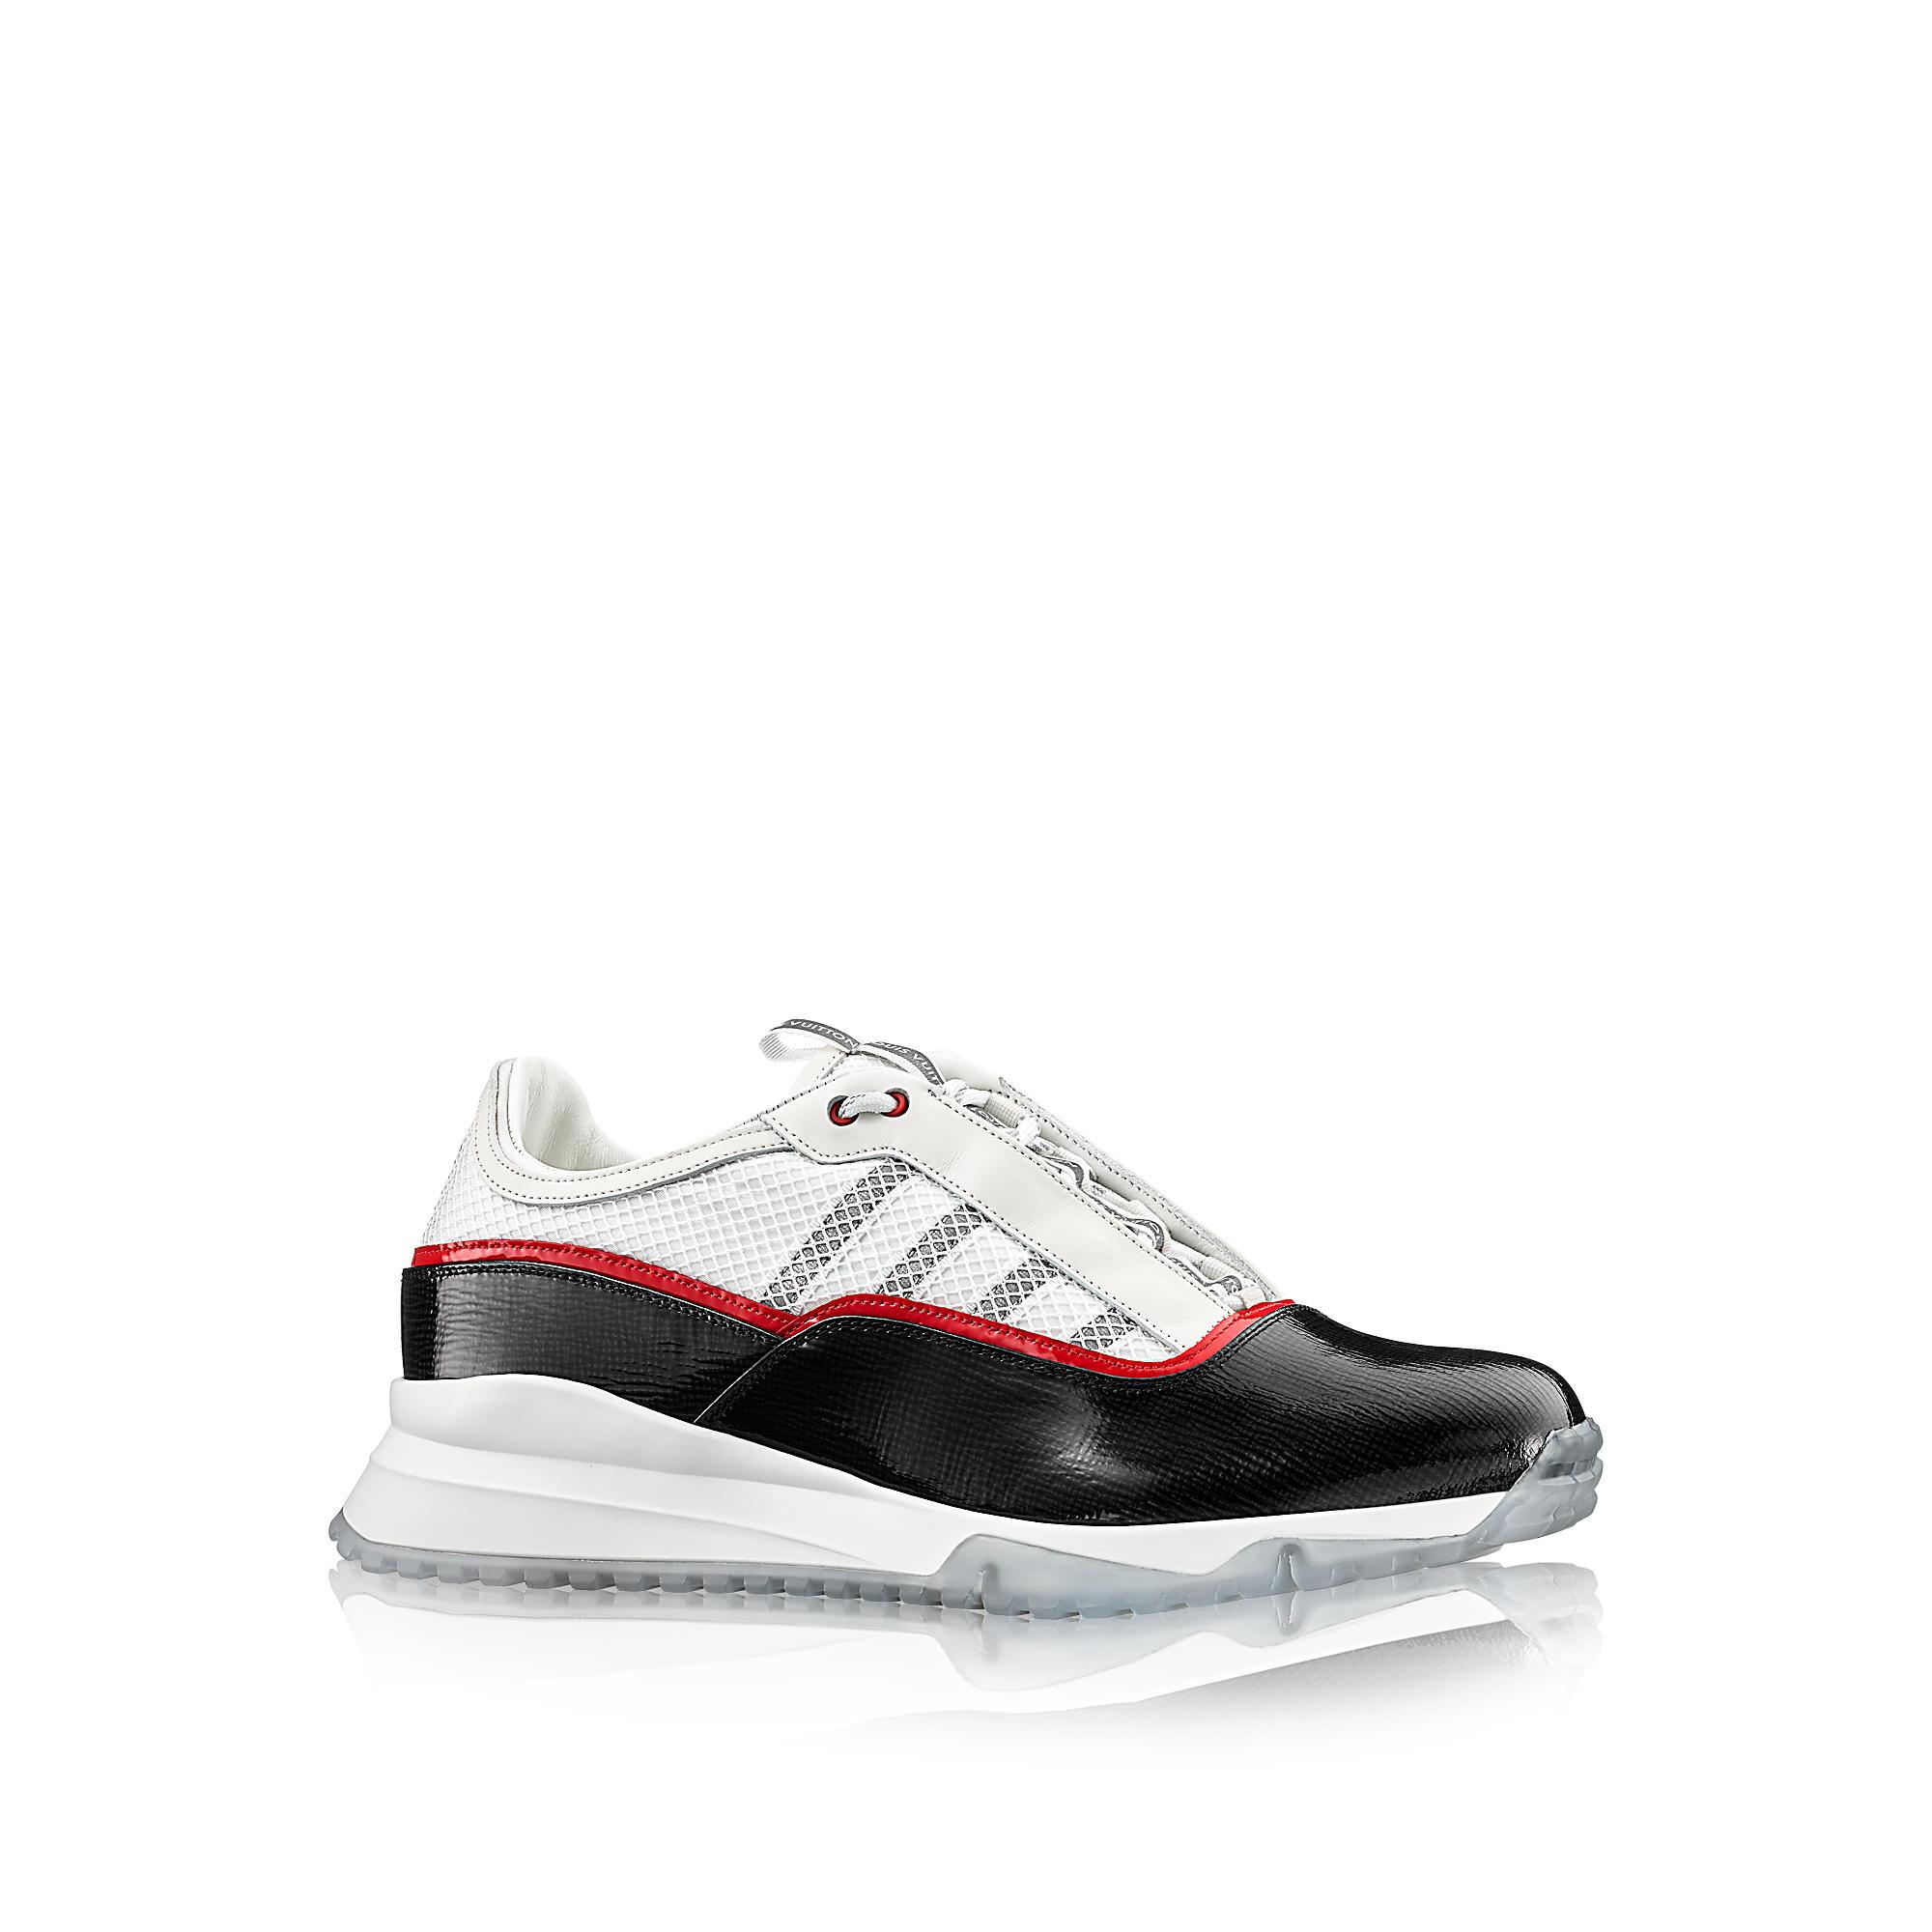 46fd41f0215a Louis Vuitton America s Cup 2017 V.n.r Sneaker